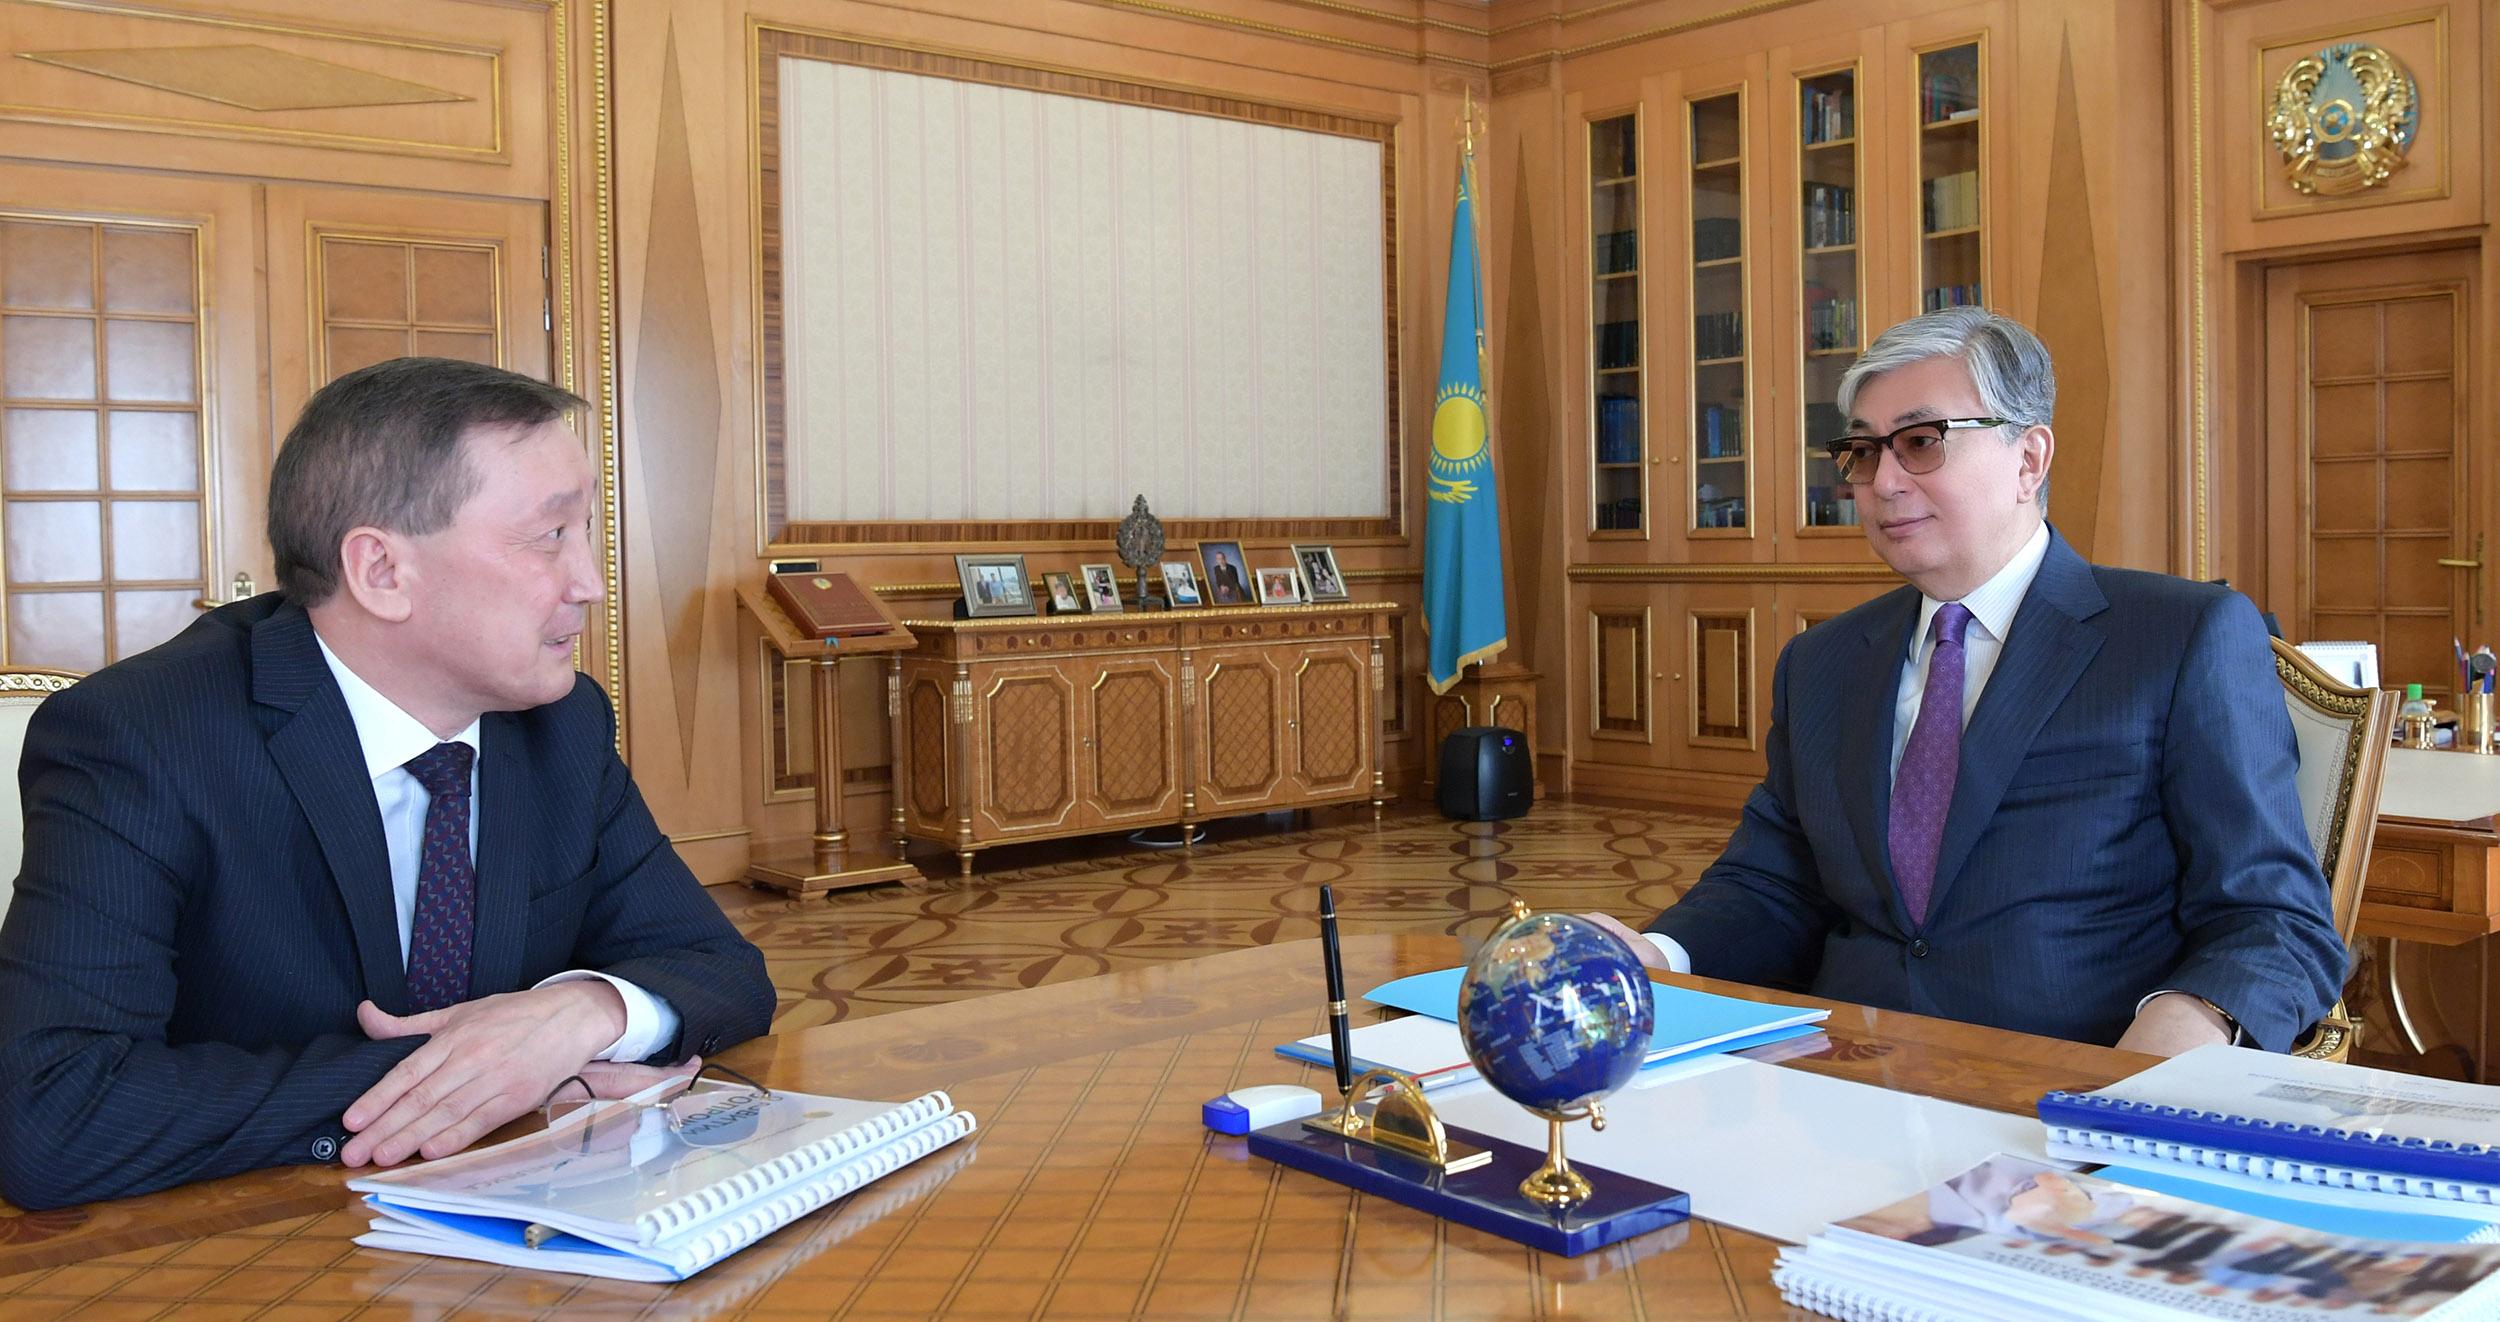 Президент Казахстана ознакомился с комплексным планом по компактной застройке столицы